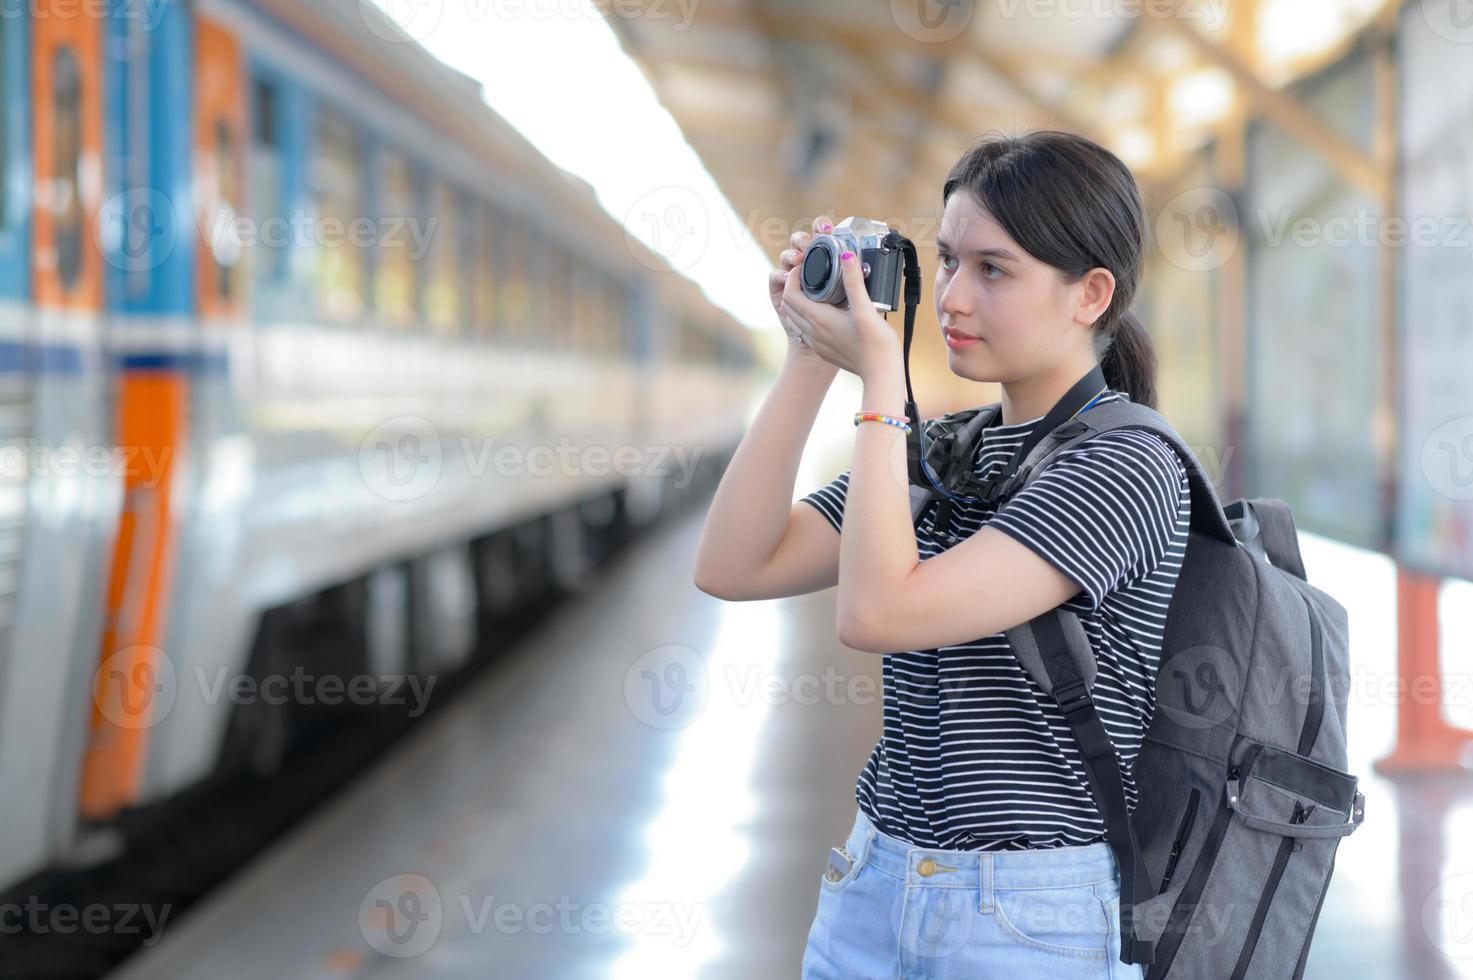 mentre aspetta un treno, una giovane visitatrice straniera porta una macchina fotografica per scattare foto. foto